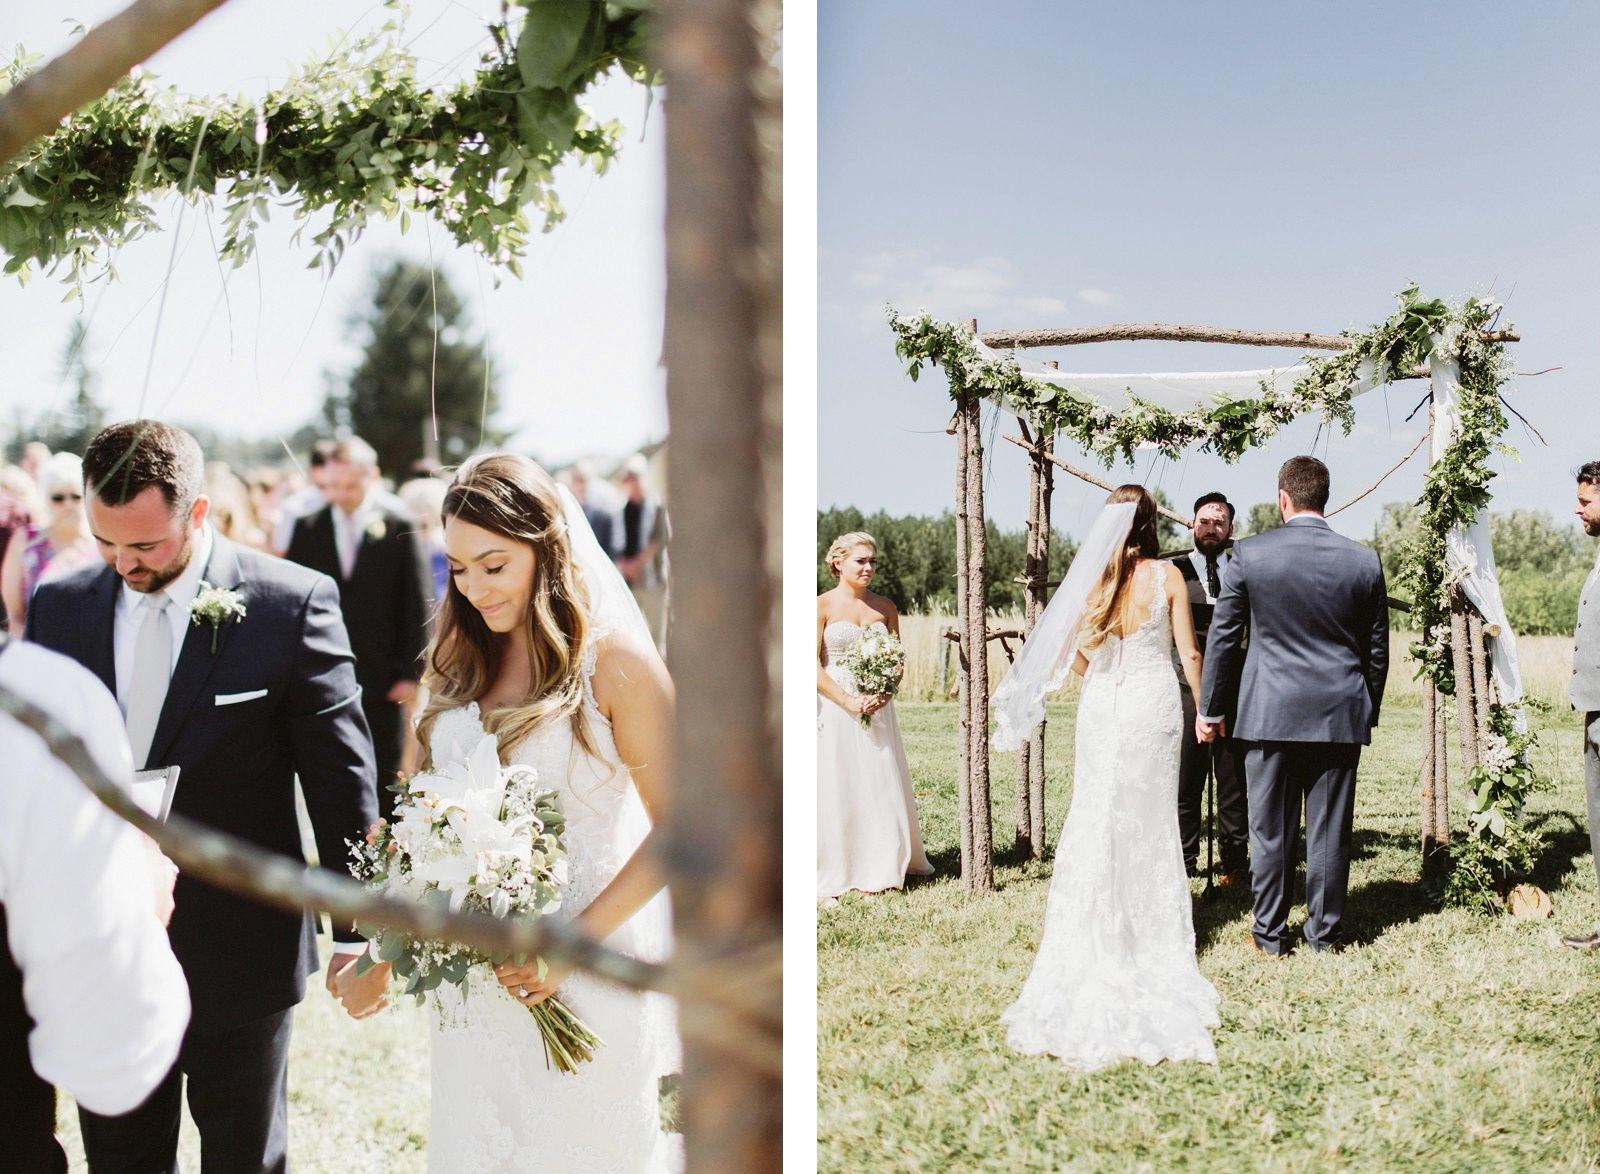 drewtiawna-blog-18 YELLOW BARN WEDDING